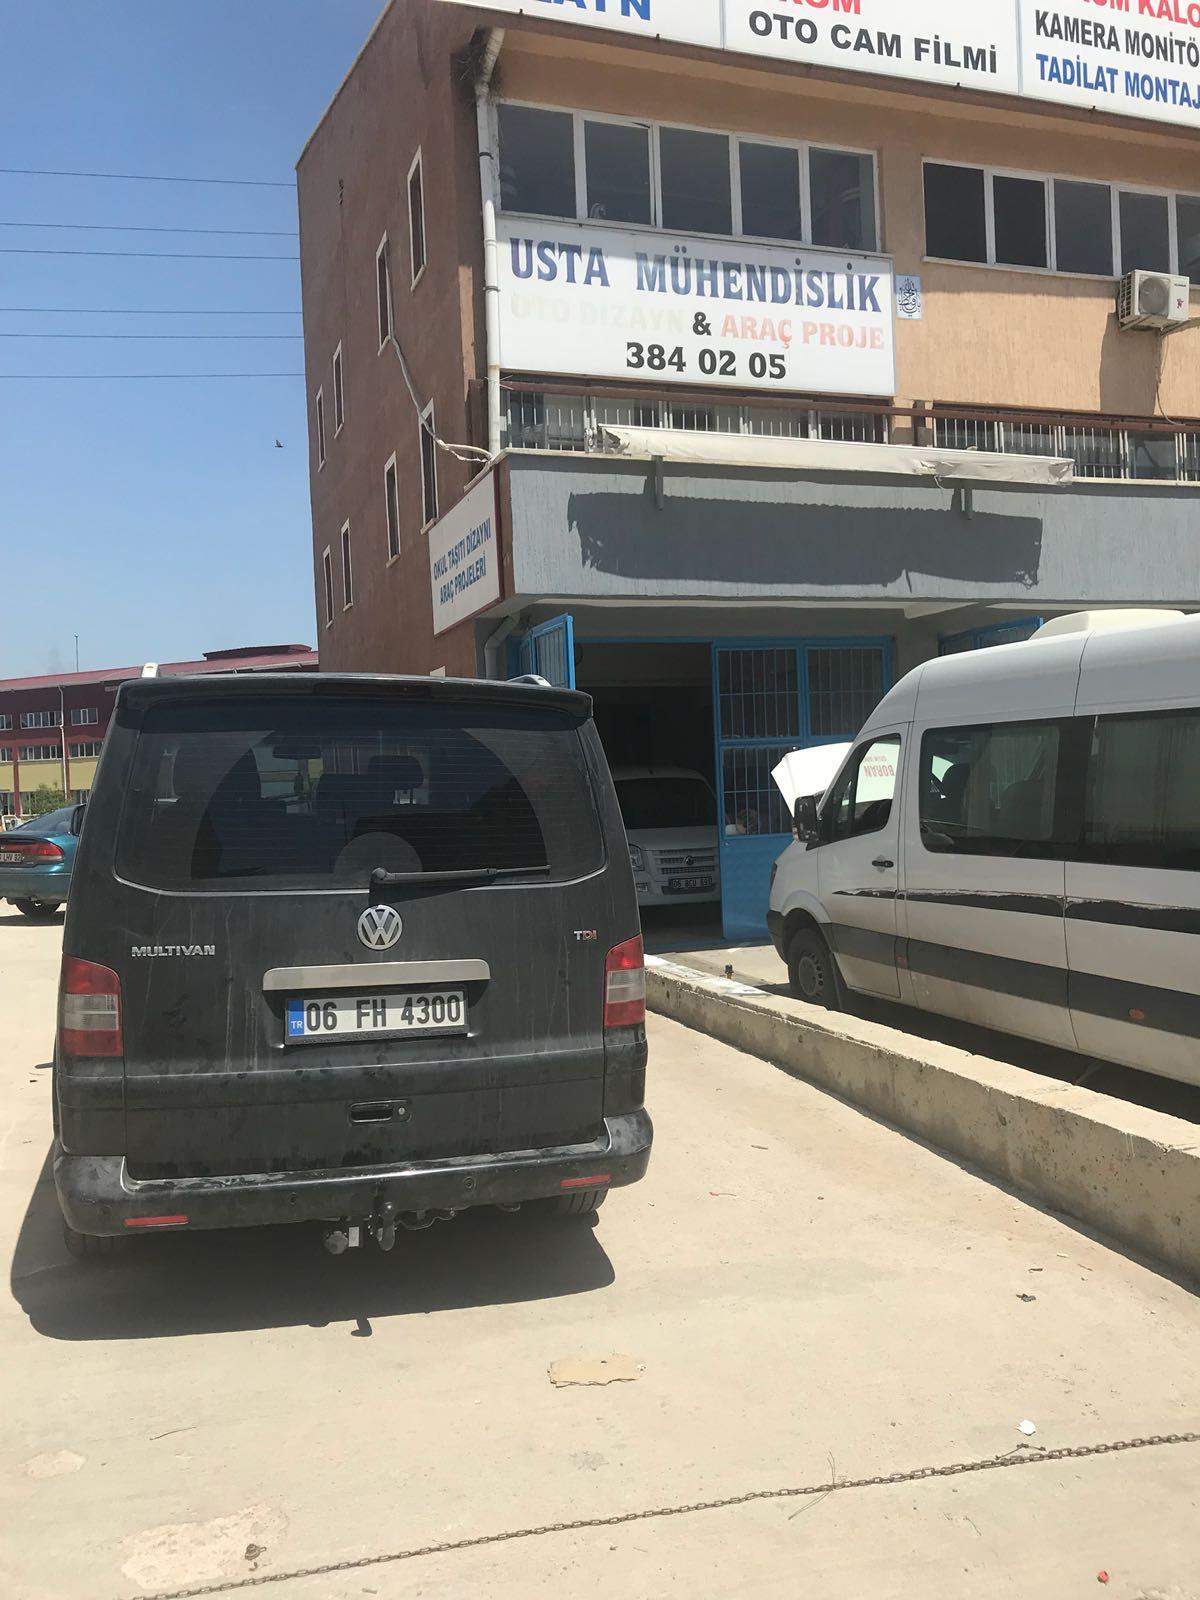 ÇEKİ DEMİRİ TAKILMASI+ARAÇ PROJE FİRMASI ANKARA 097